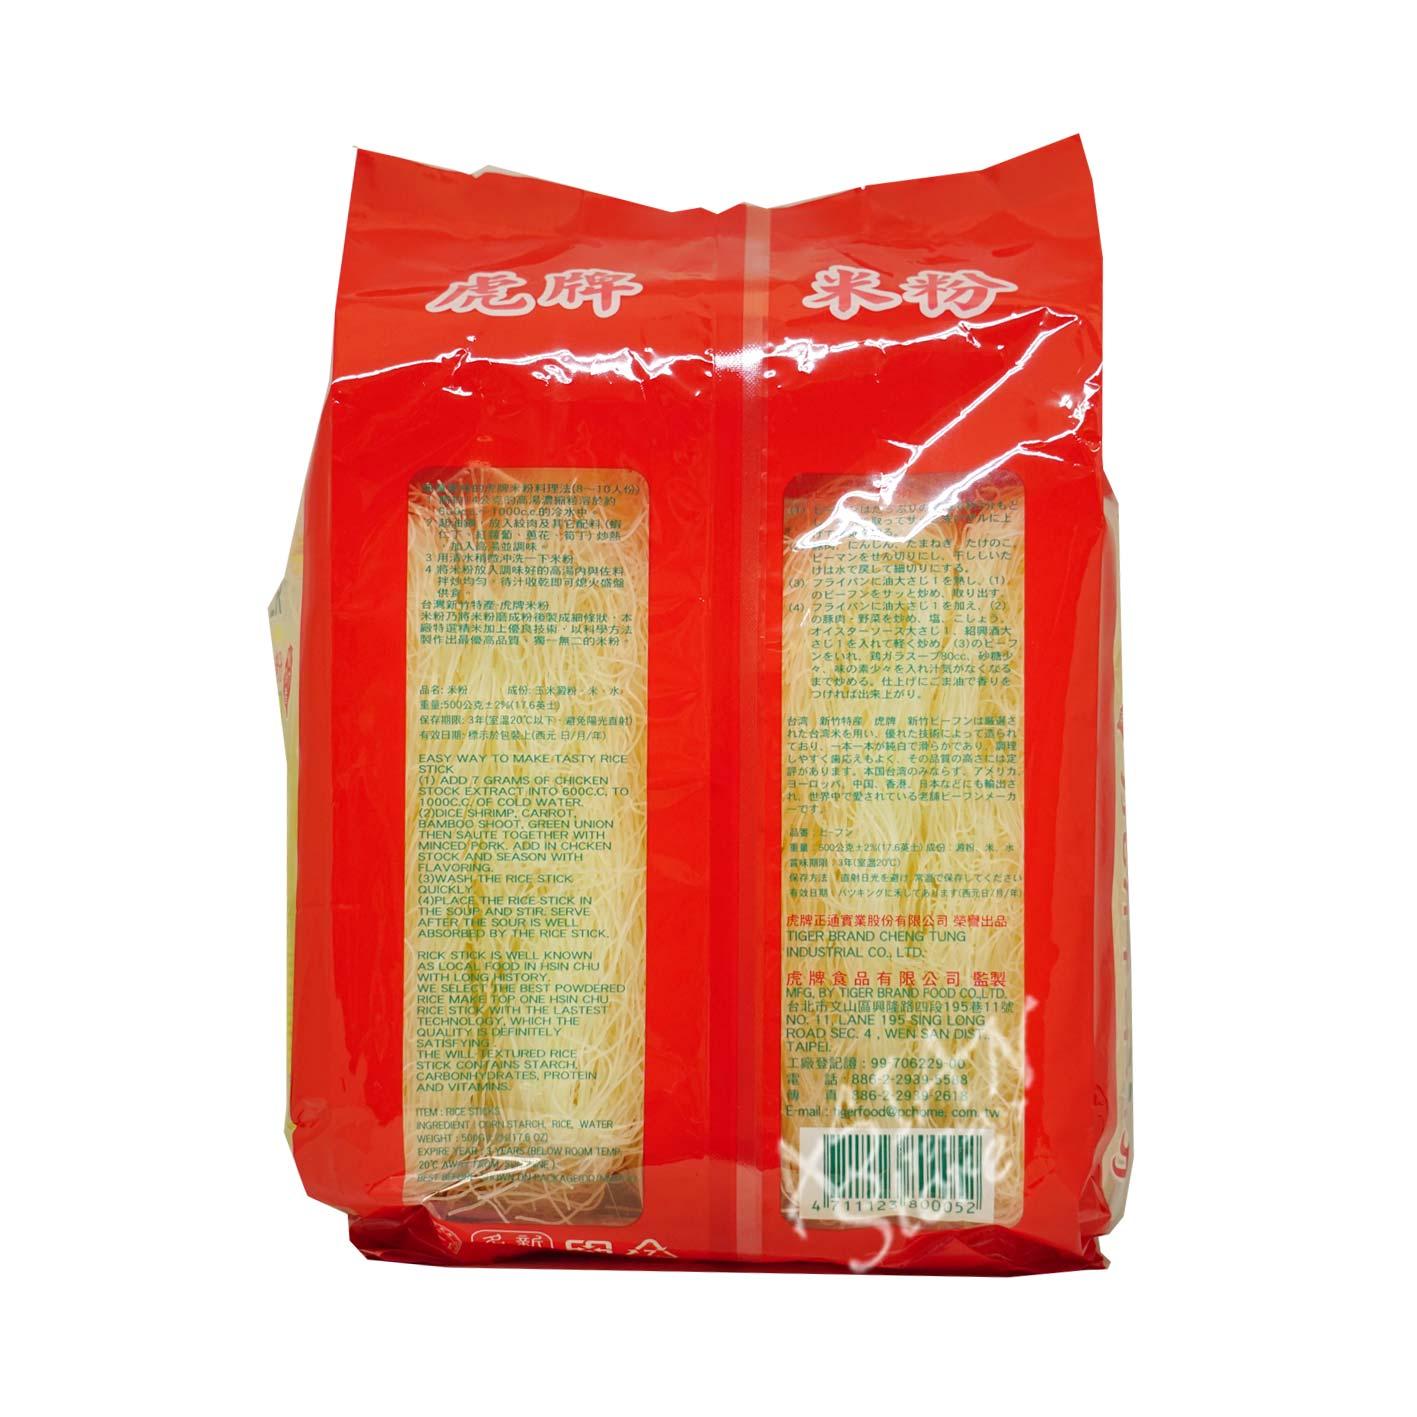 【常温便】台湾シンチクビーフン/虎牌特級新竹米粉 500g